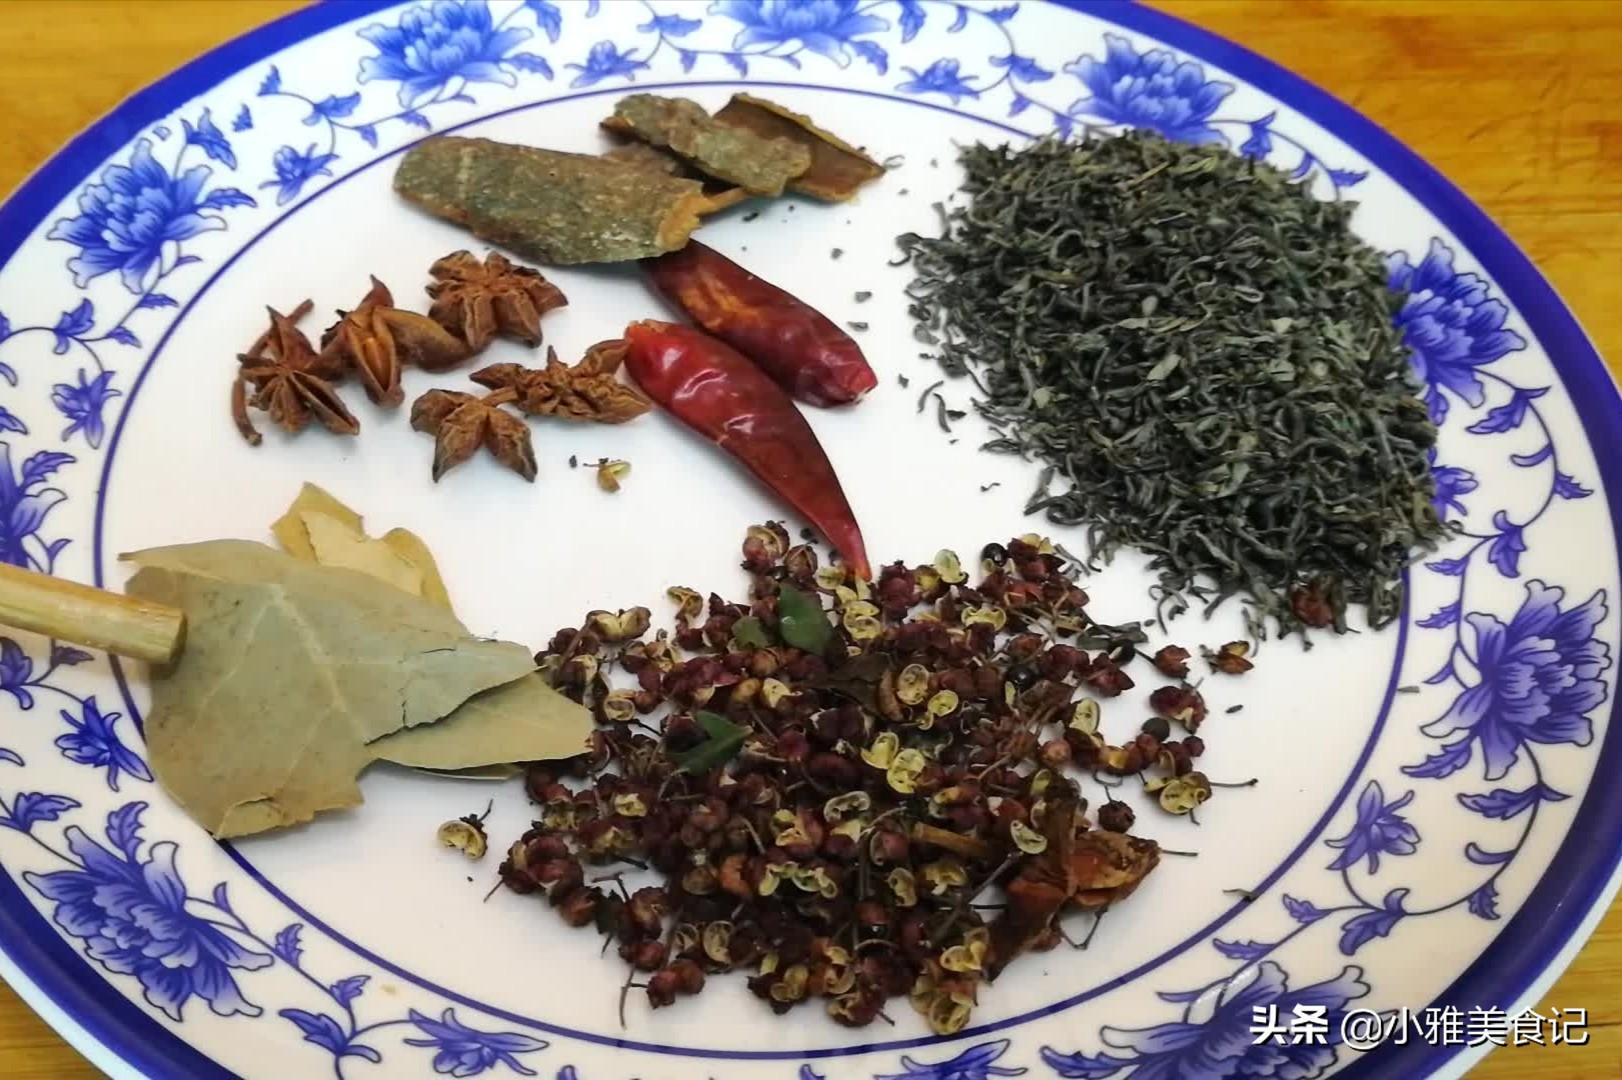 这才是茶叶蛋的正确做法,茶香浓郁,入味可口,学会可以摆摊了